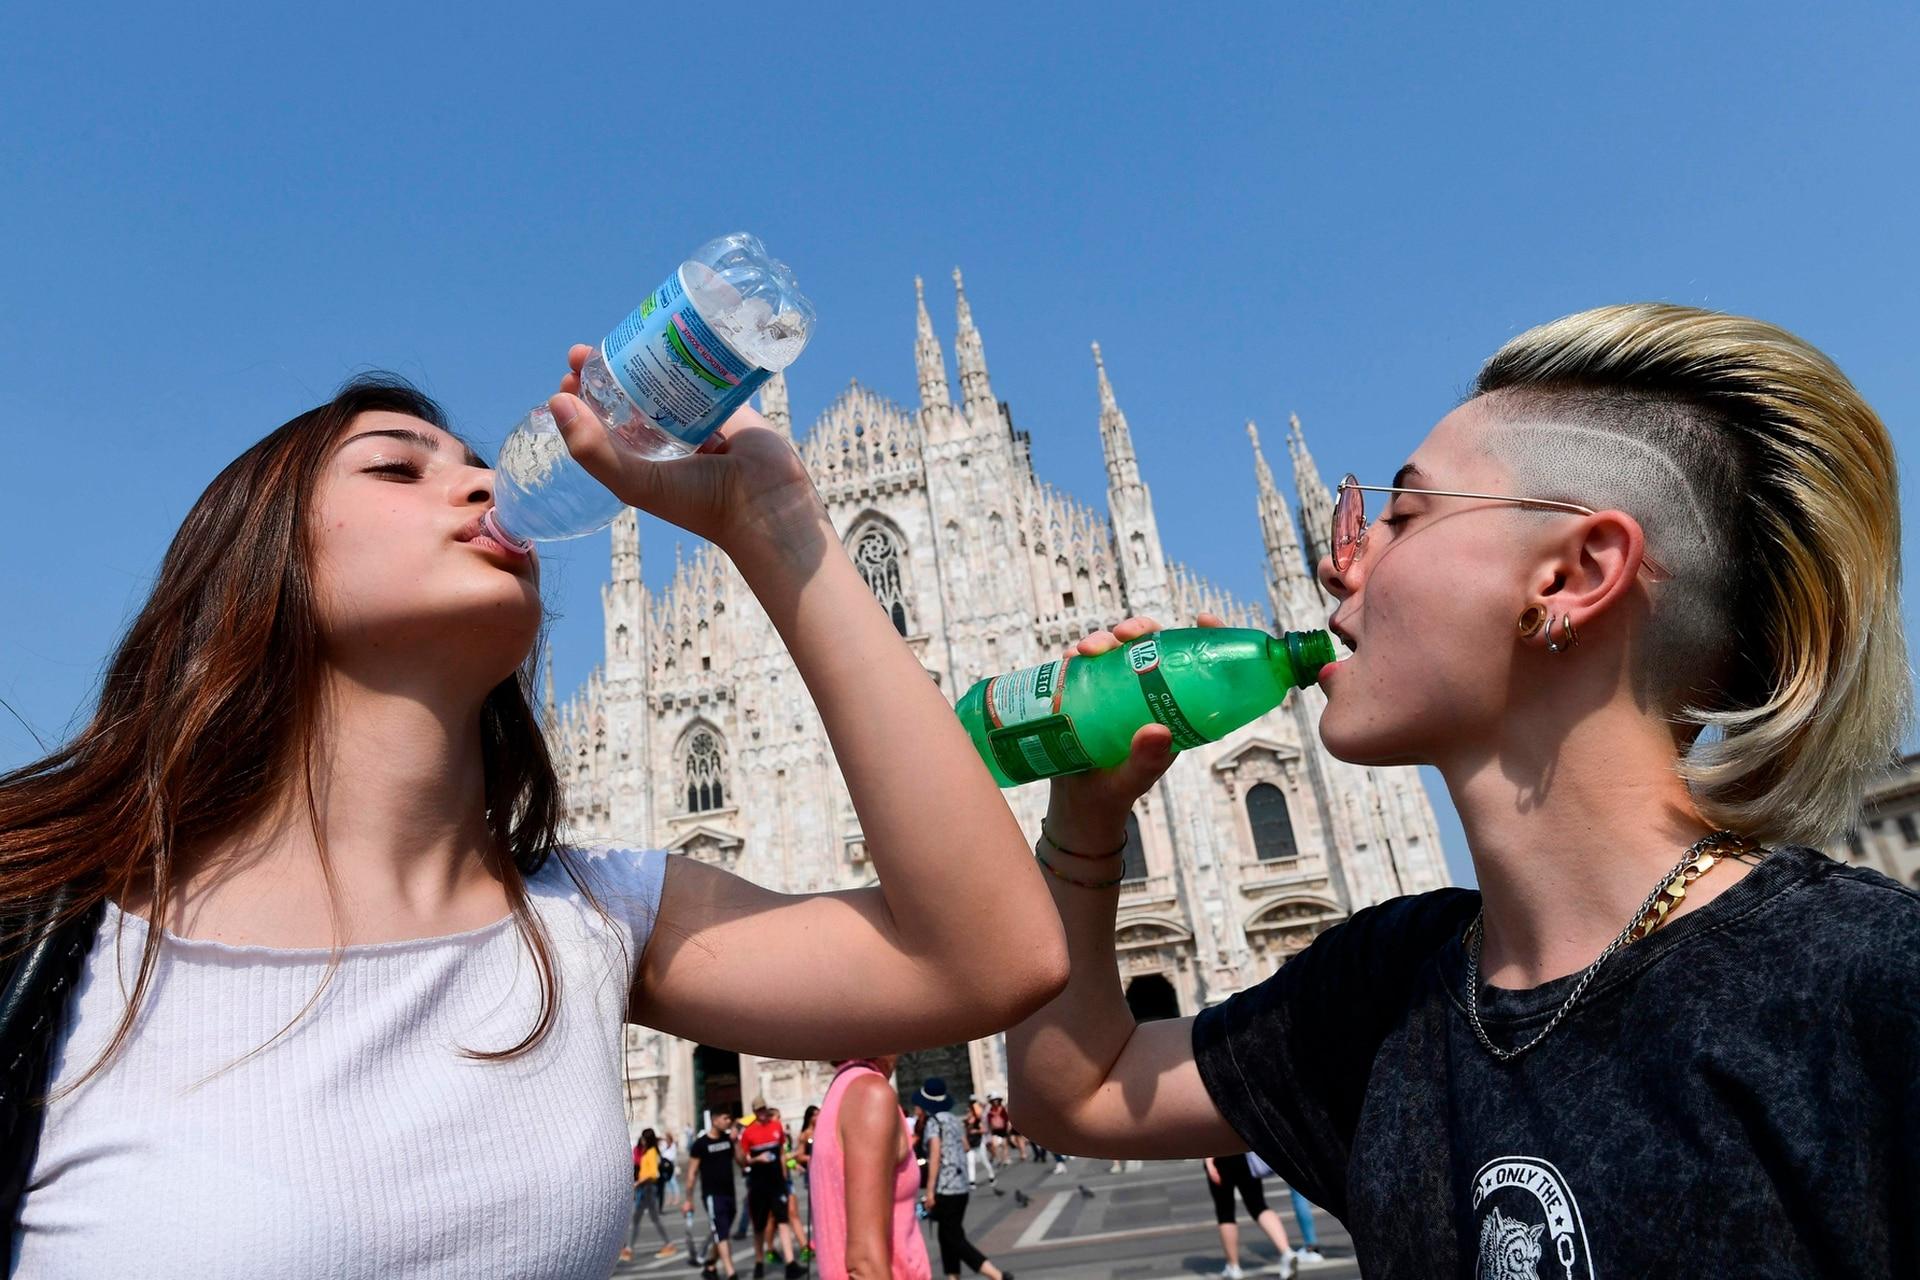 Jóvenes se hidratan frente al Duomo, en Milán, Italia